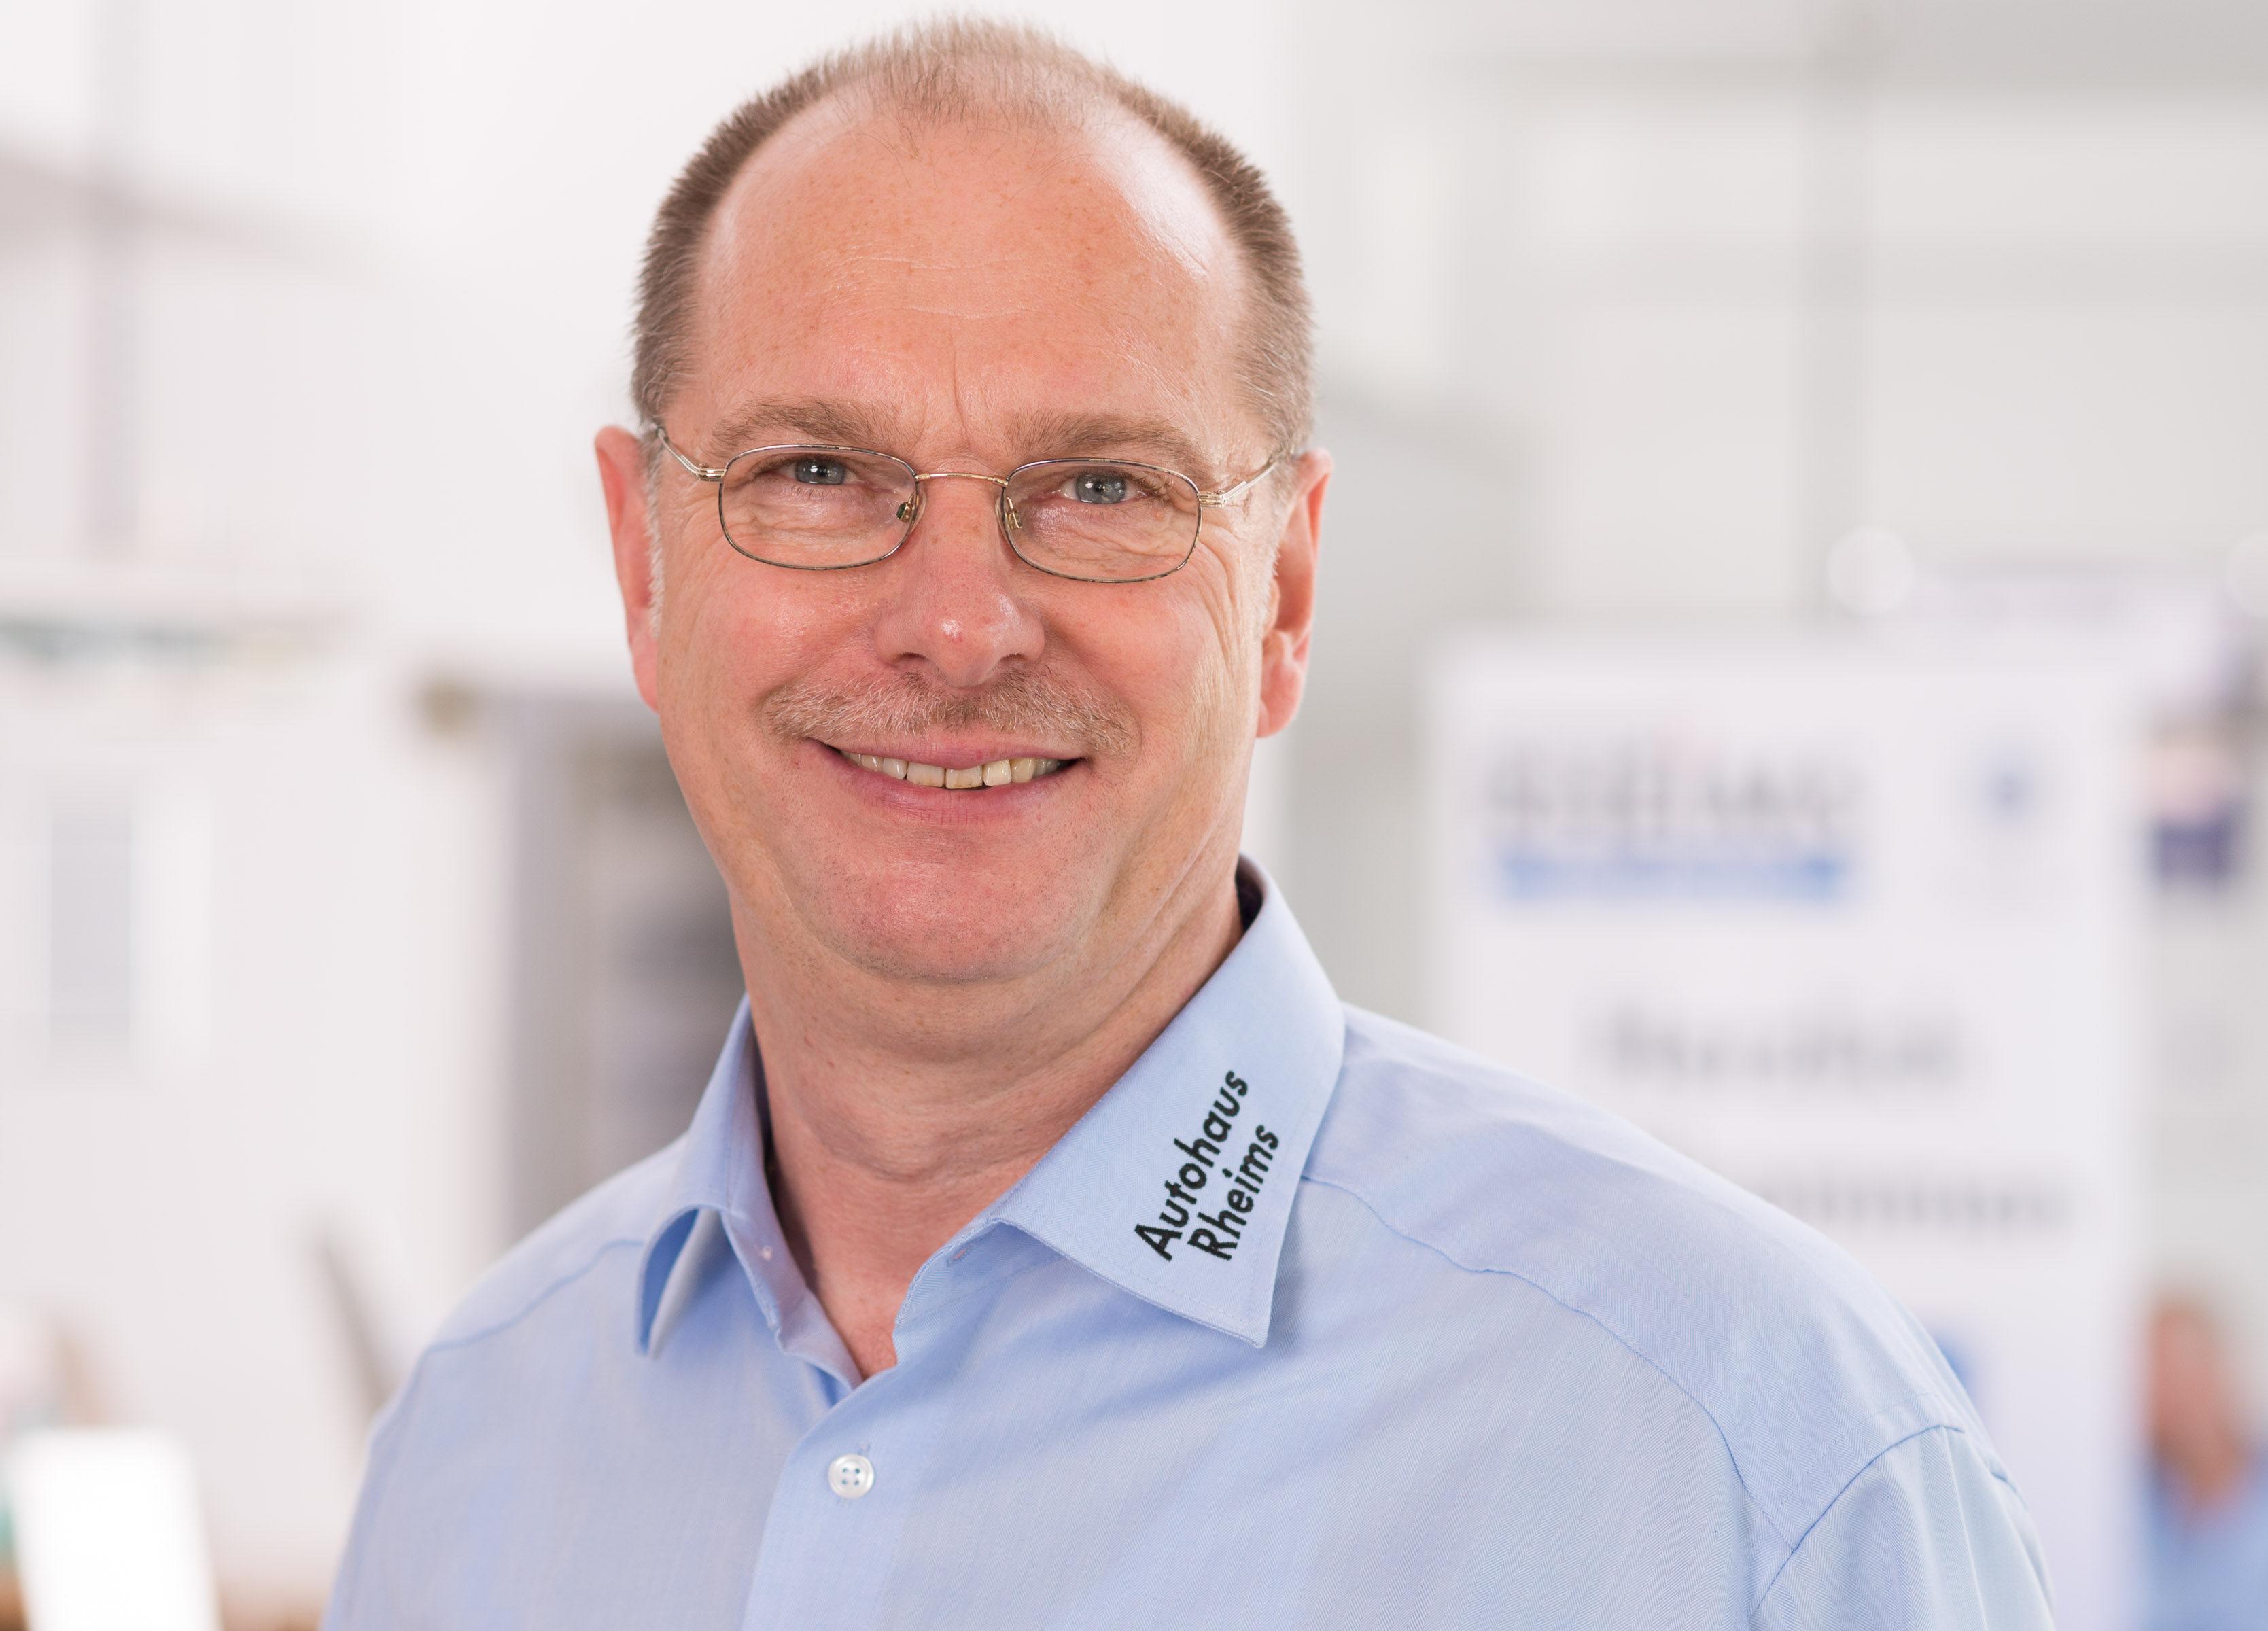 Reinhard Ebel